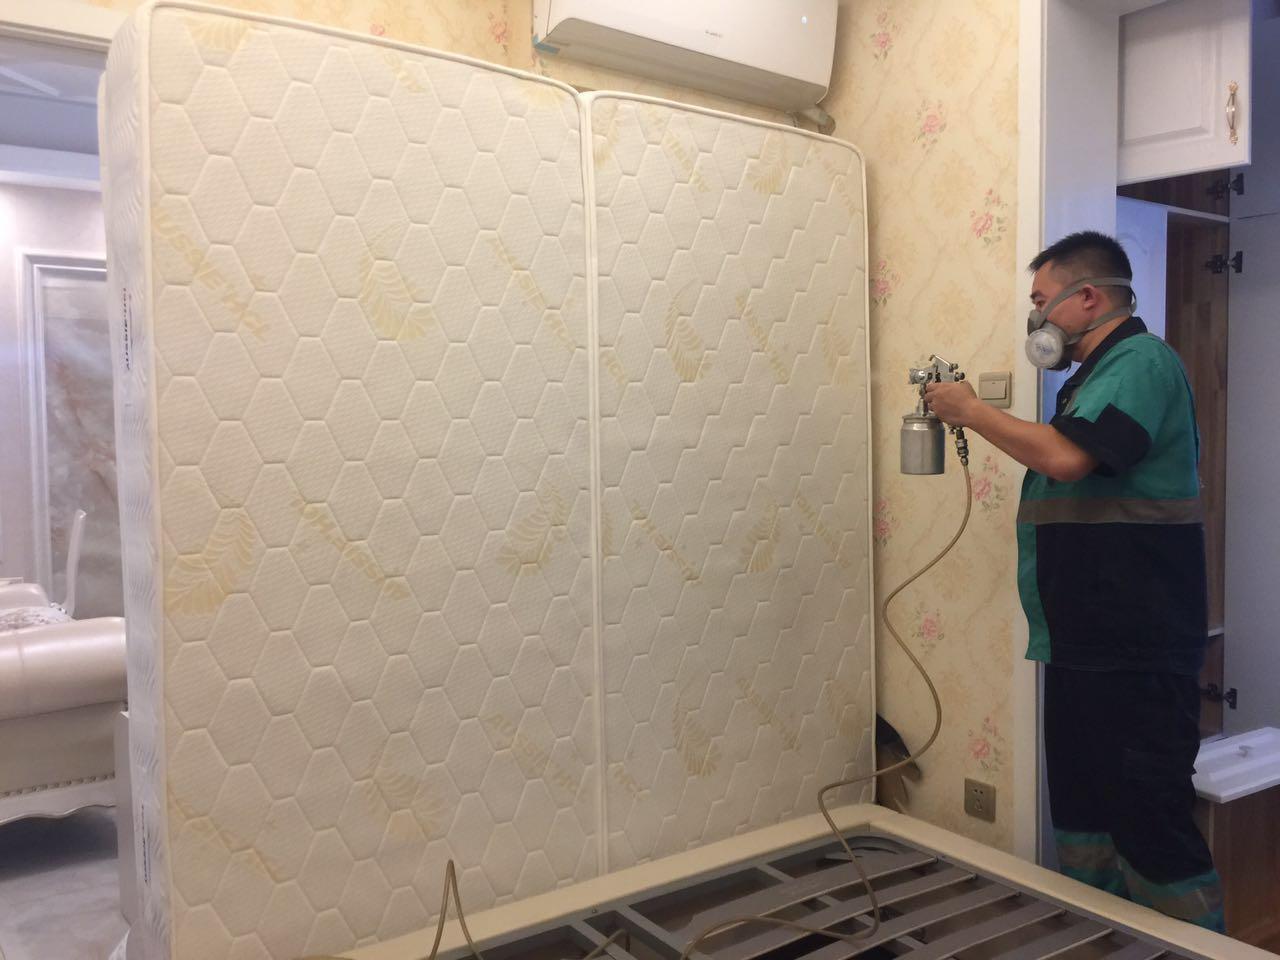 室内空气污染治理——新床垫上的塑料膜要不要撕掉?|解决方案-武汉小小叶子环保科技有限公司